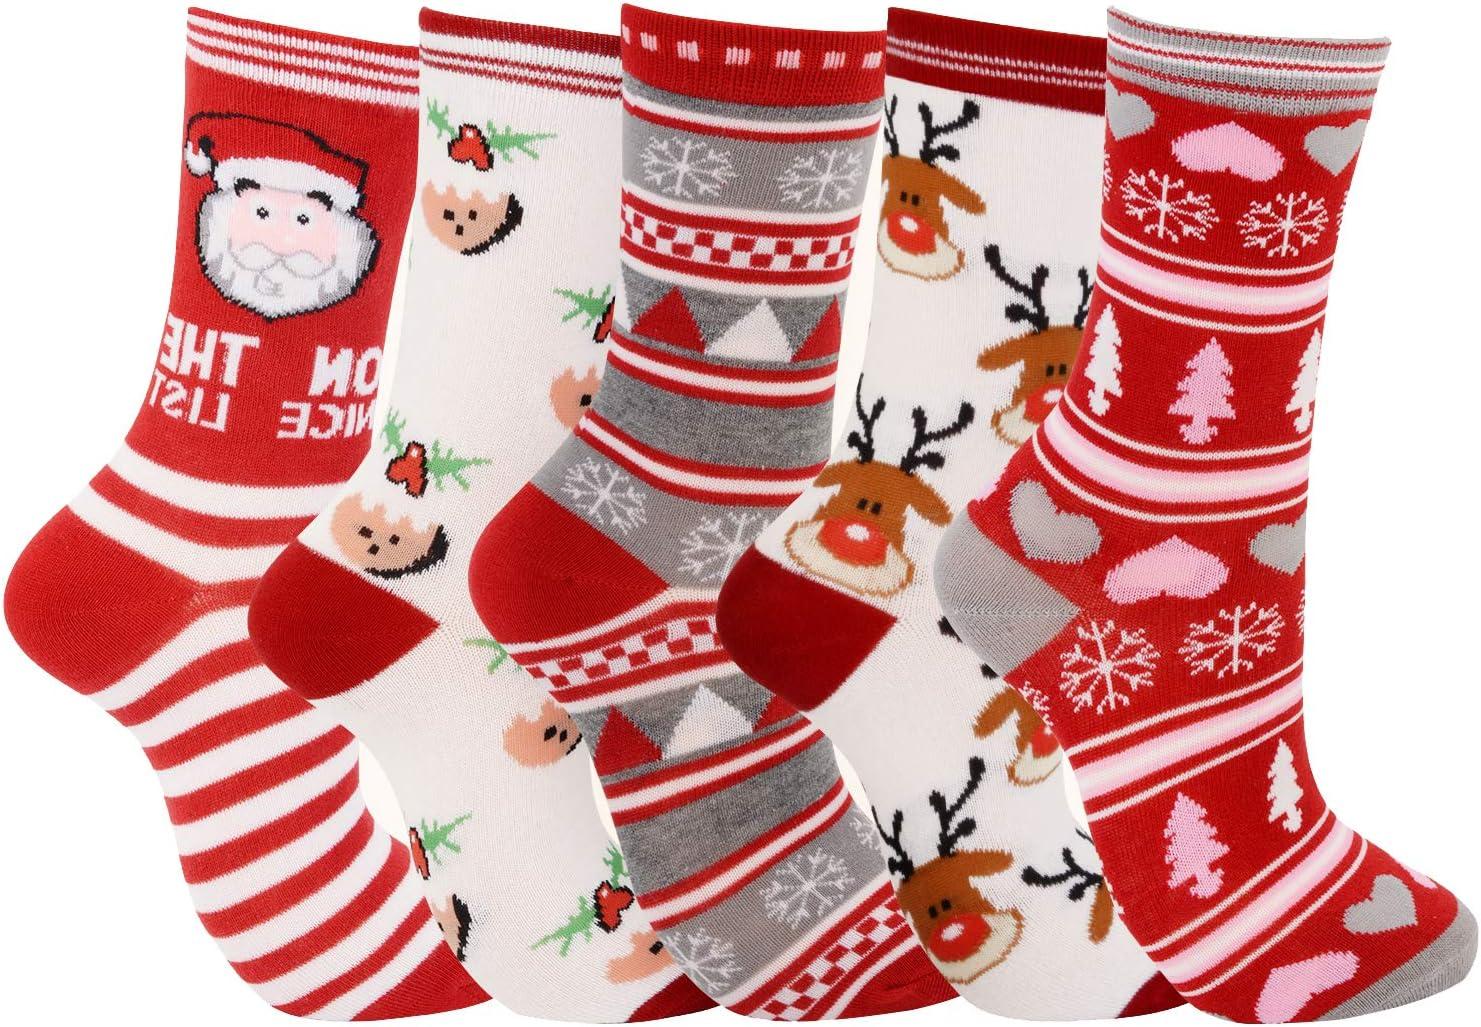 Legendog 5 Pares de Calcetines navideños de Moda Estilo de Dibujos Animados Lindo Calcetines de algodón Suave Calcetines de equipoRegalo de Navidad